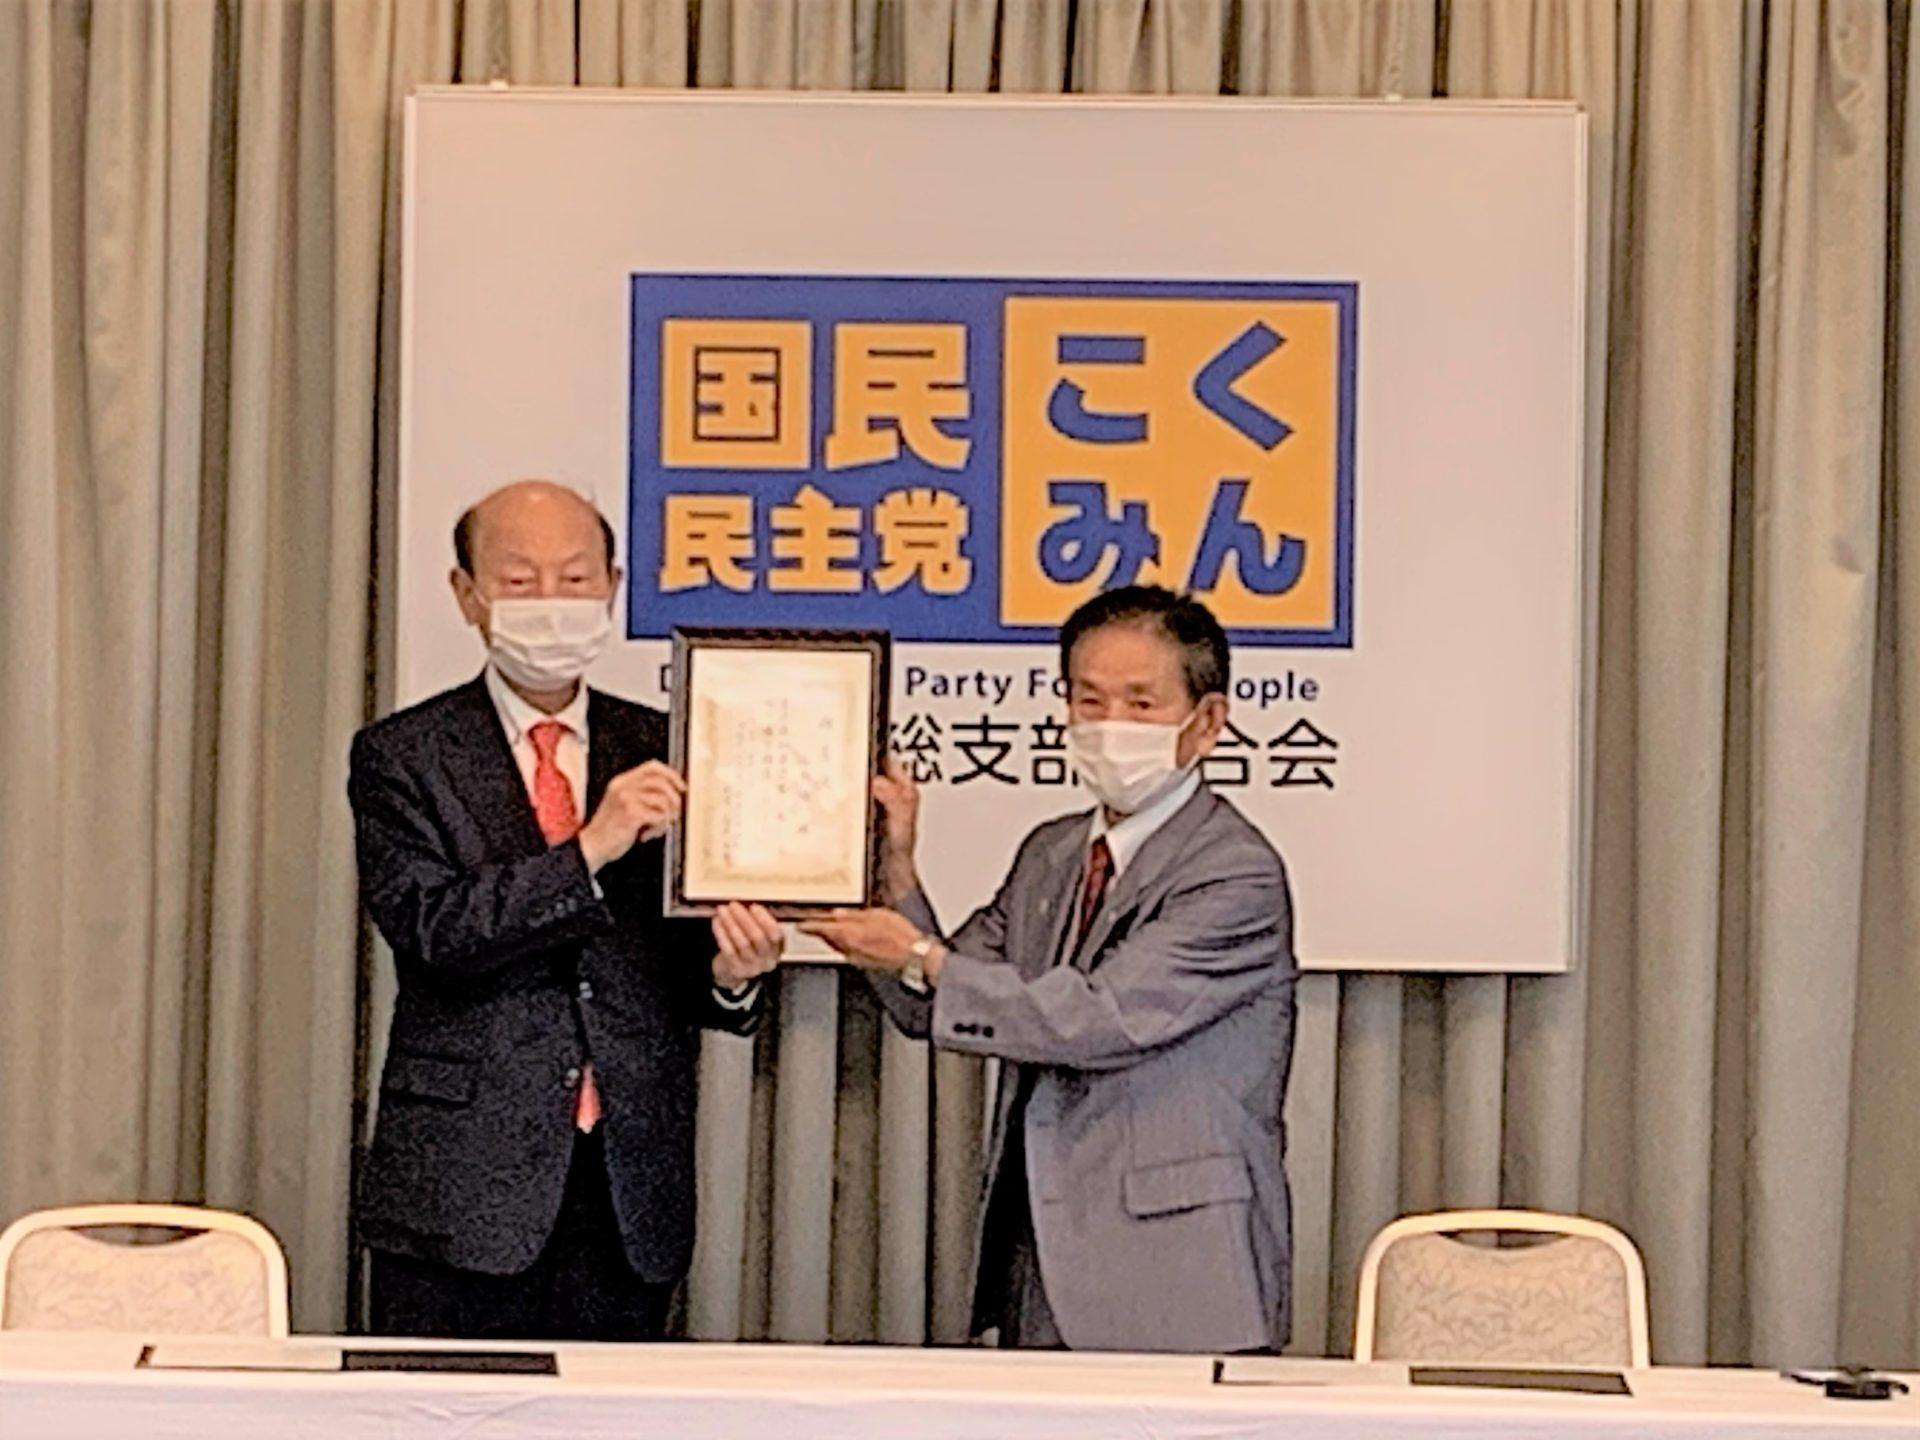 「県知事選挙に石井たかかず氏を推薦」